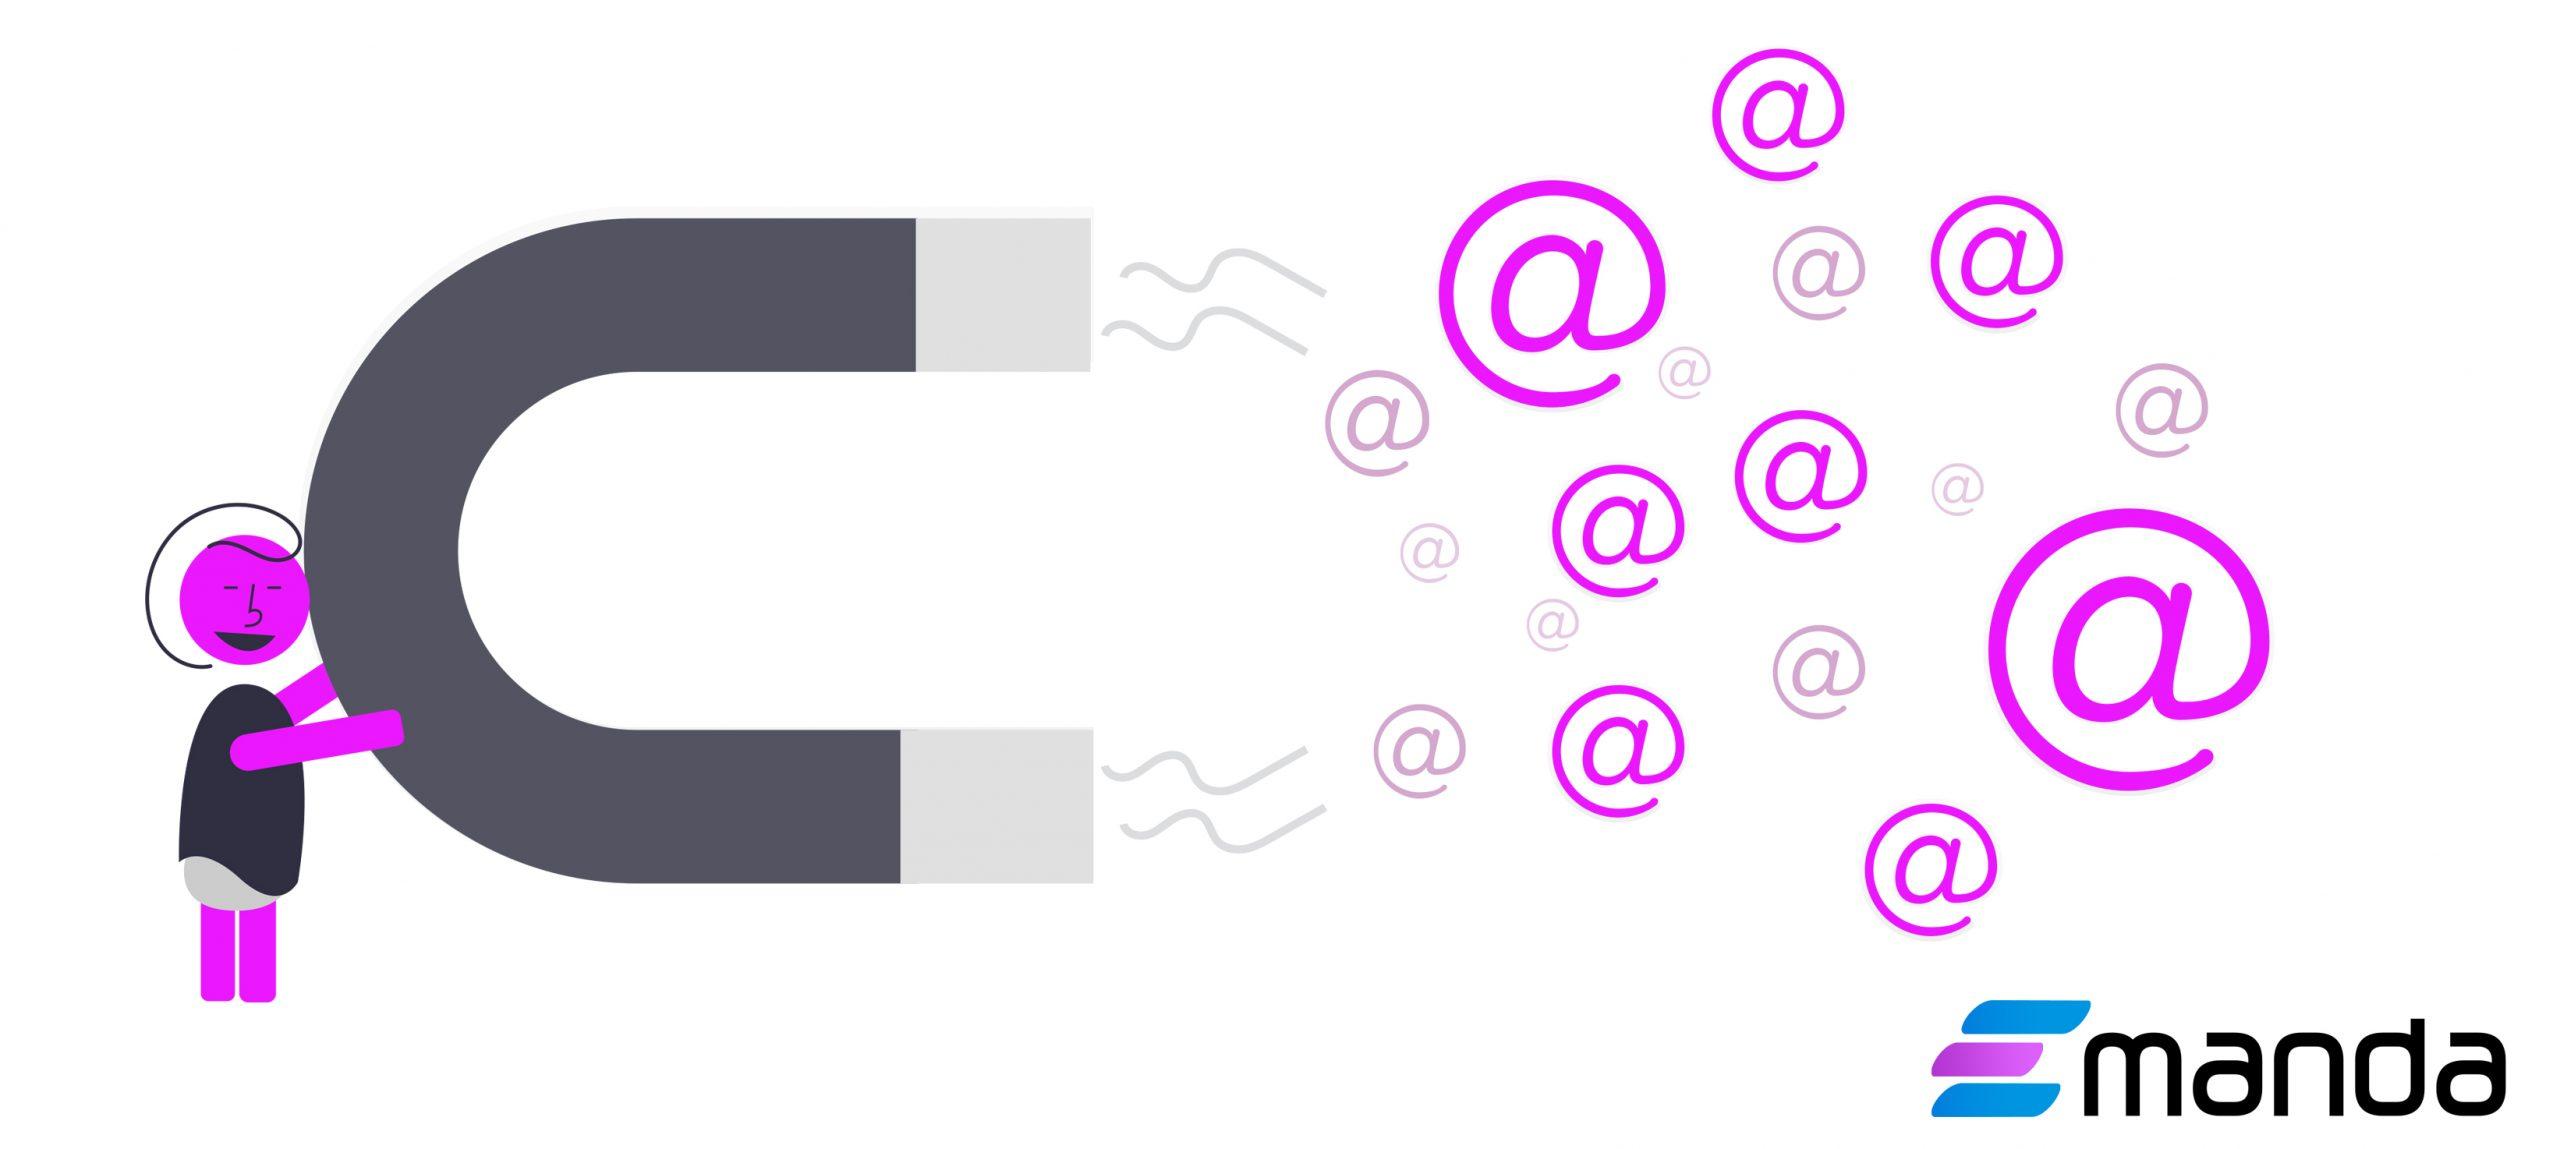 Guia prático para campanhas de Newsletter